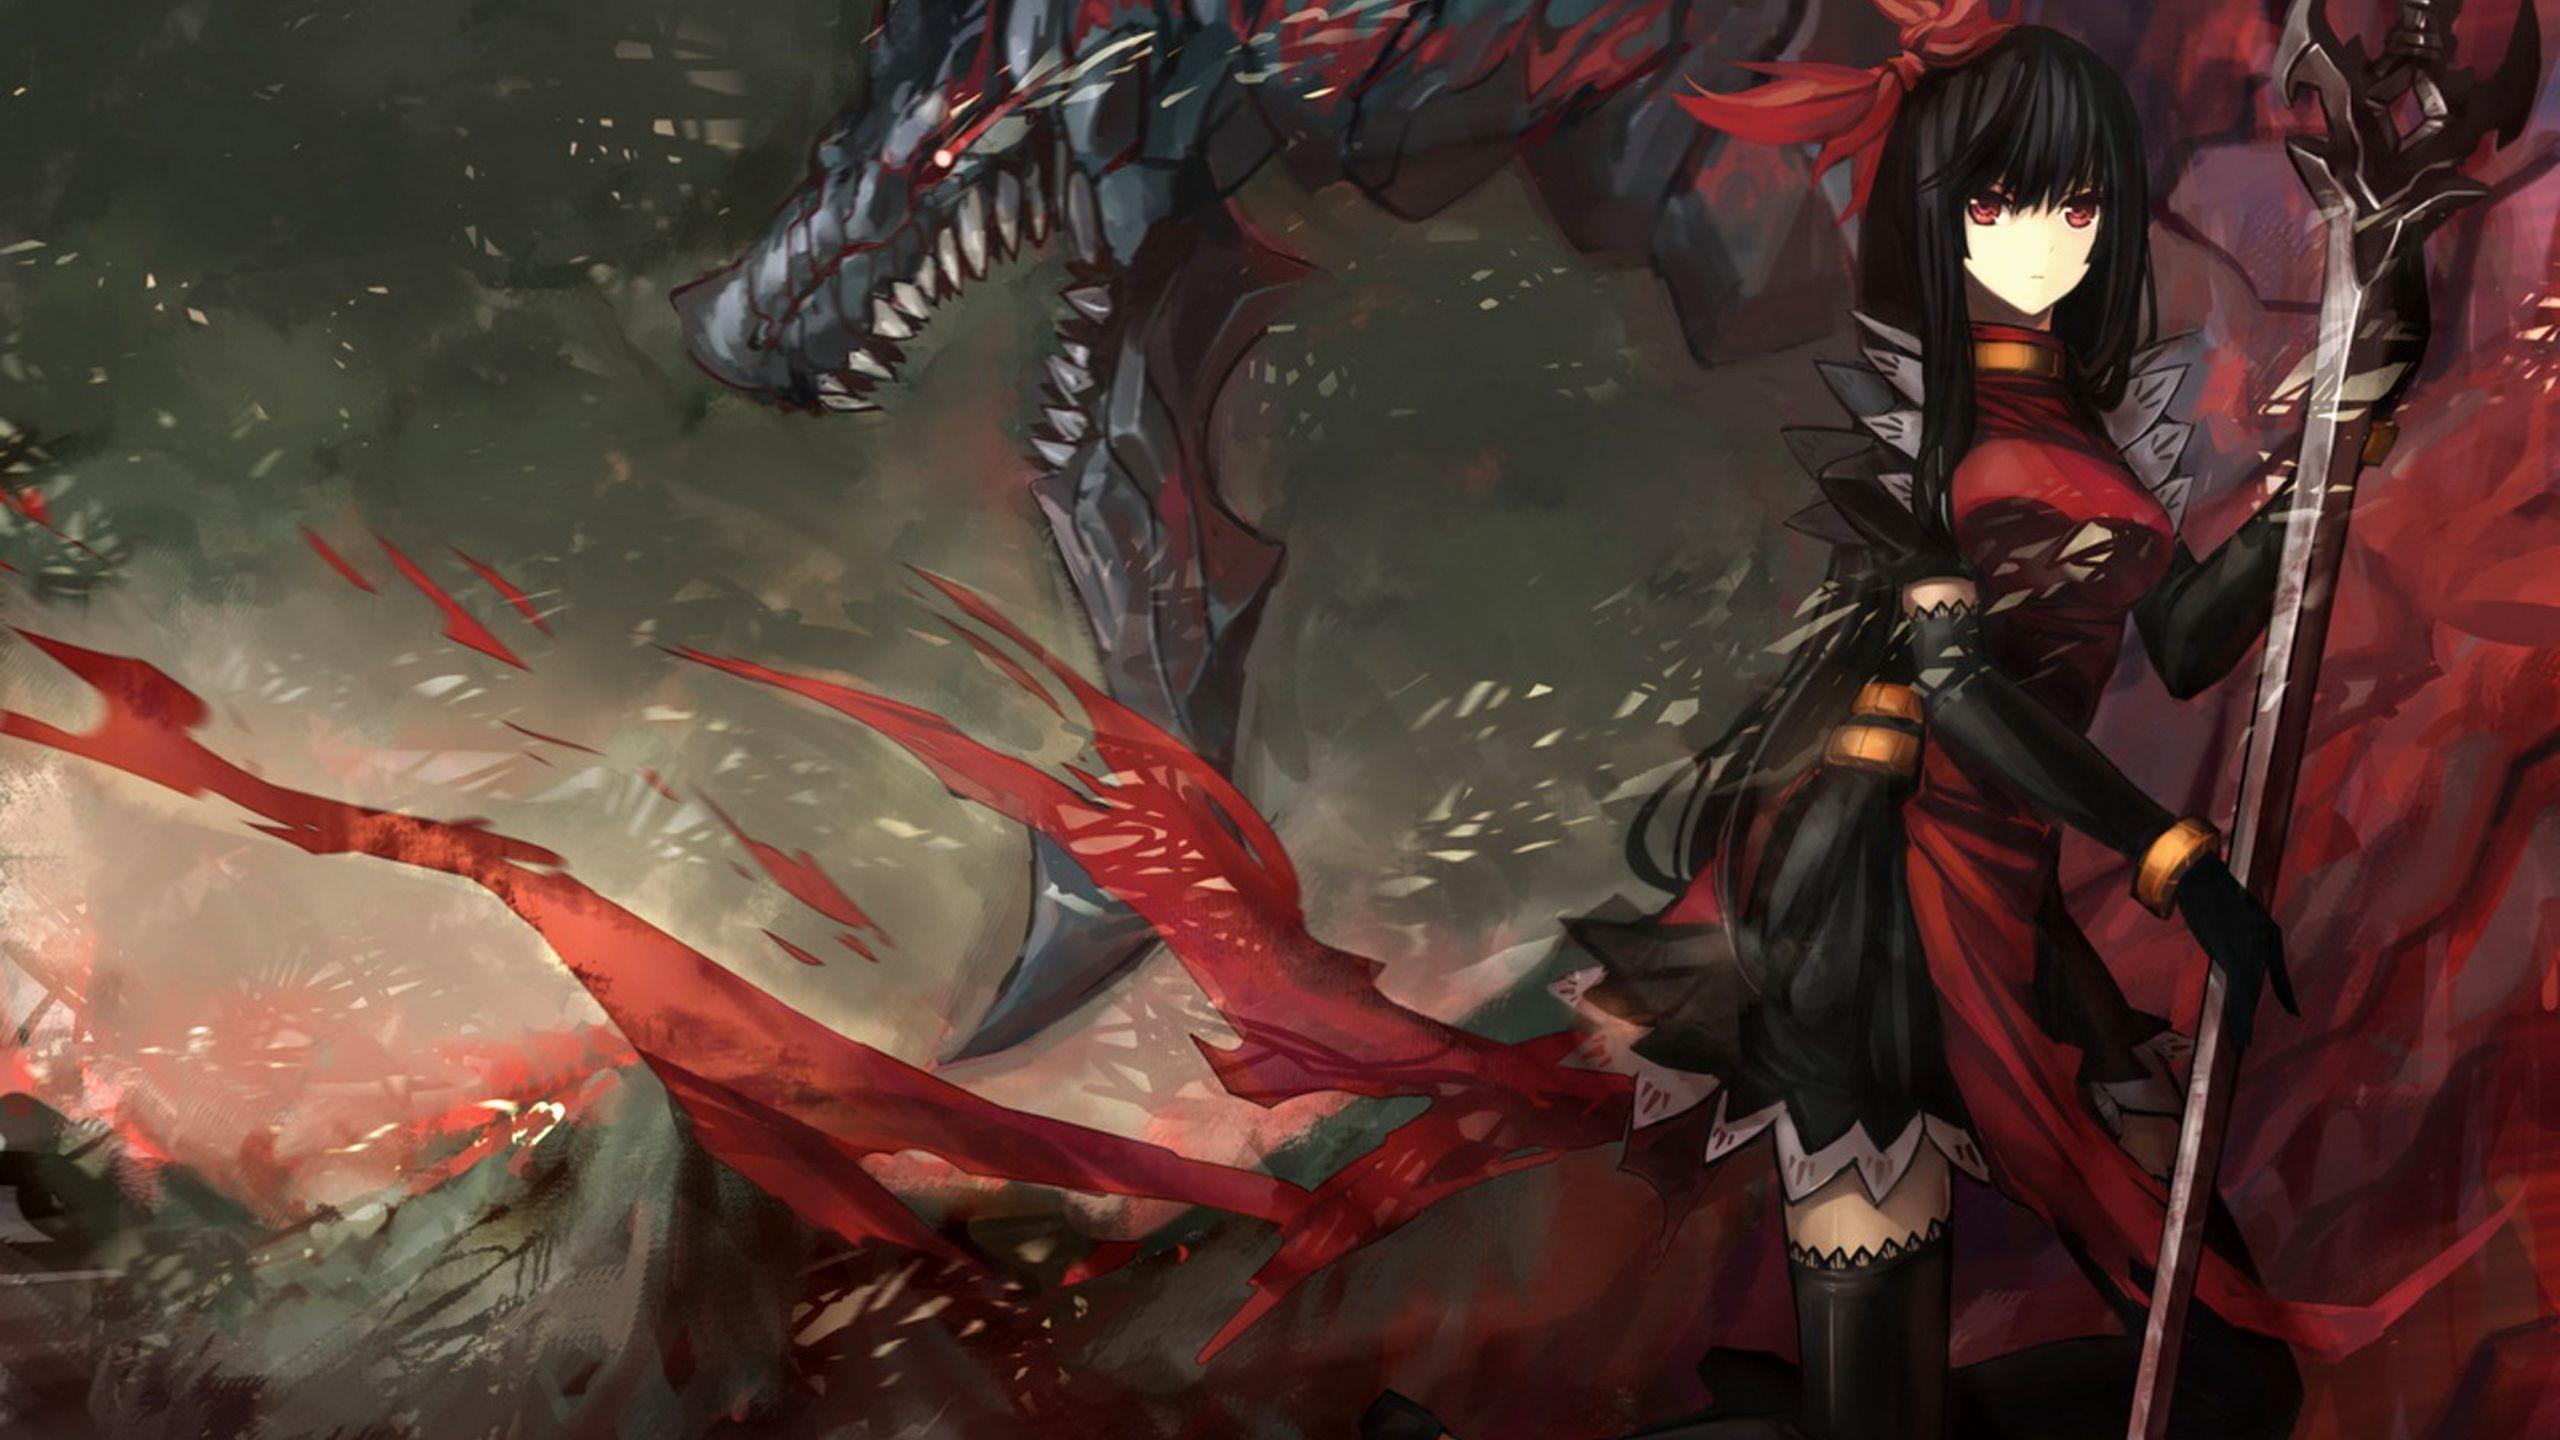 anime warrior girl | anime-girl-warrior-anime-hd-wallpaper-